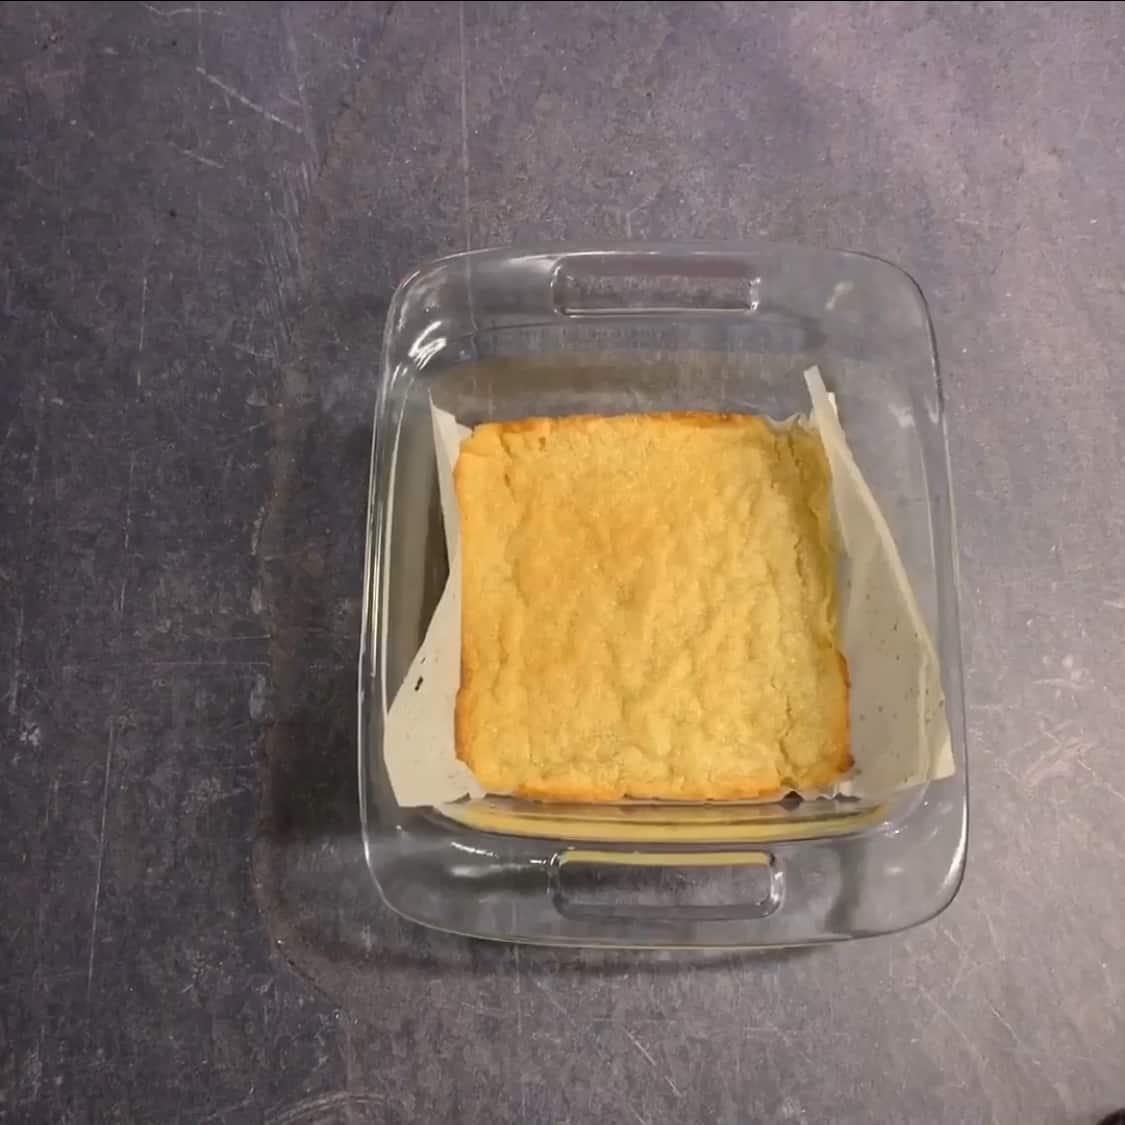 baked almond flour crust